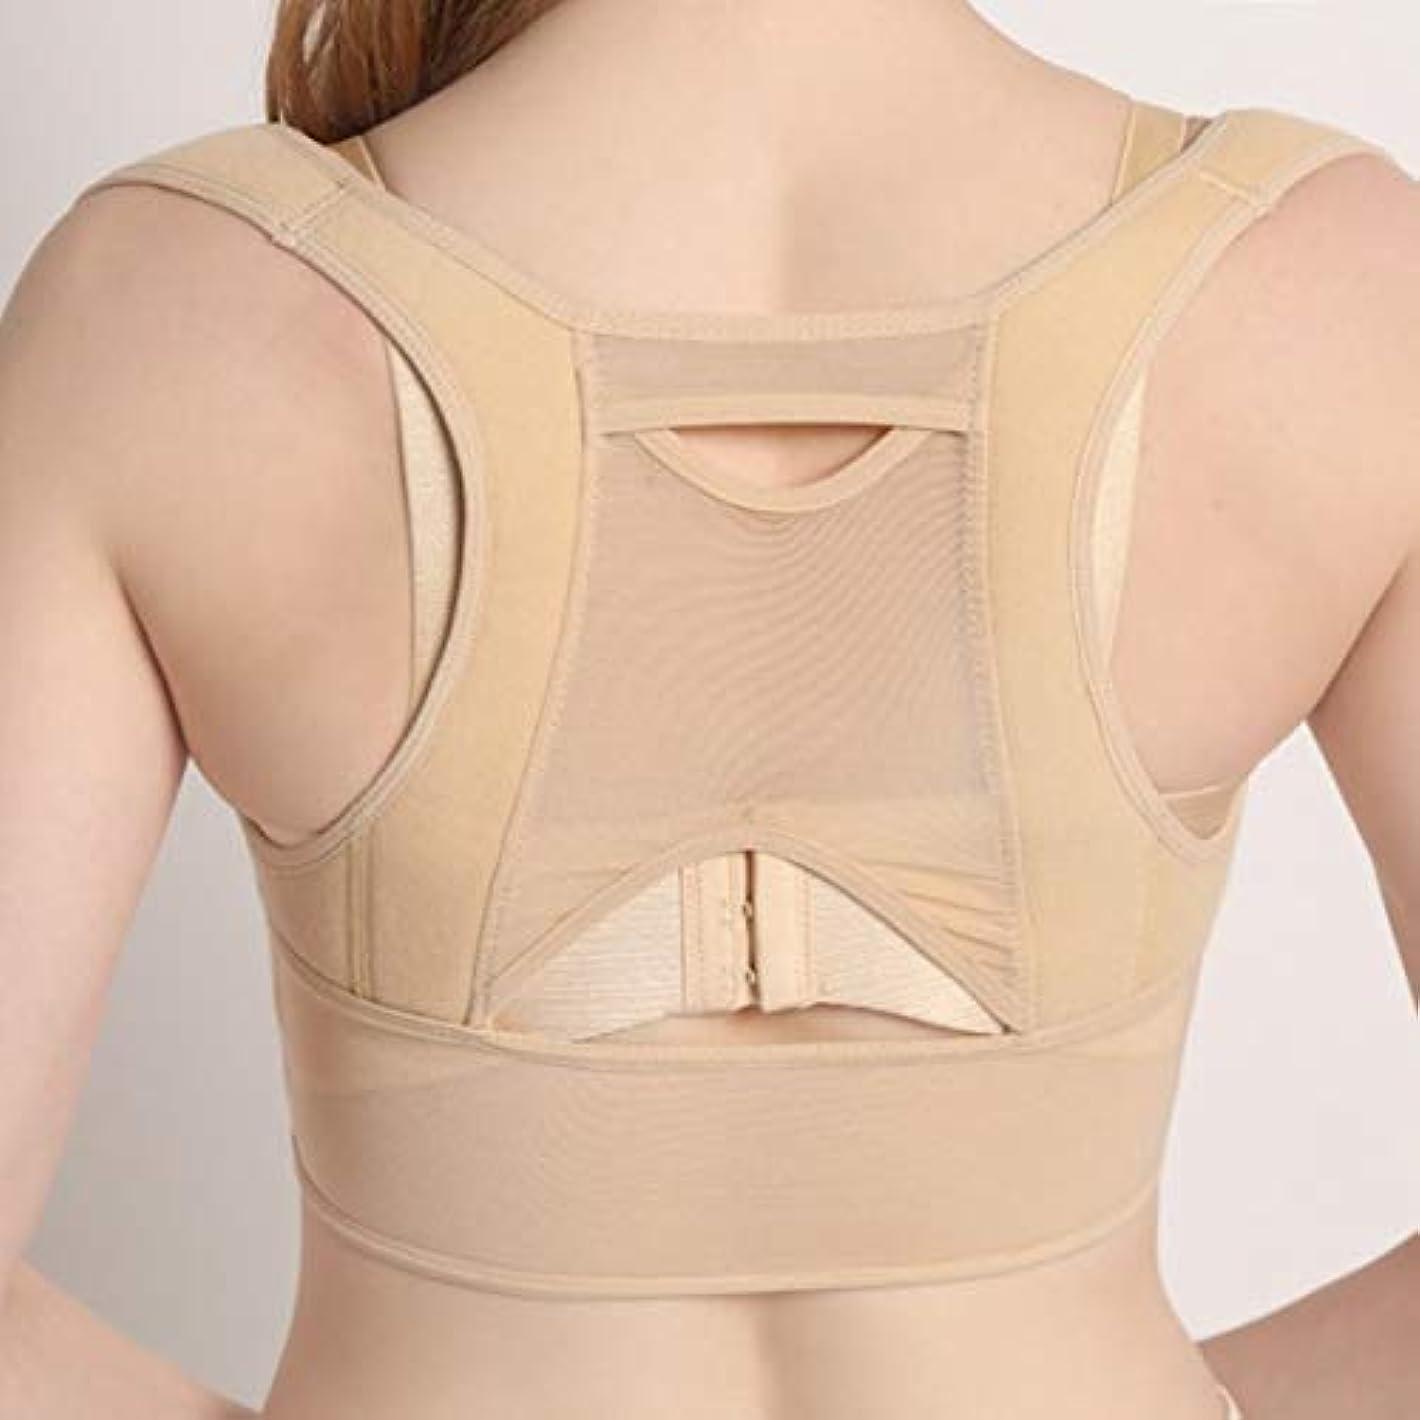 フォルダ動鉄道通気性のある女性の背中の姿勢矯正コルセット整形外科の背中の肩の背骨の姿勢矯正腰椎サポート - ベージュホワイトL